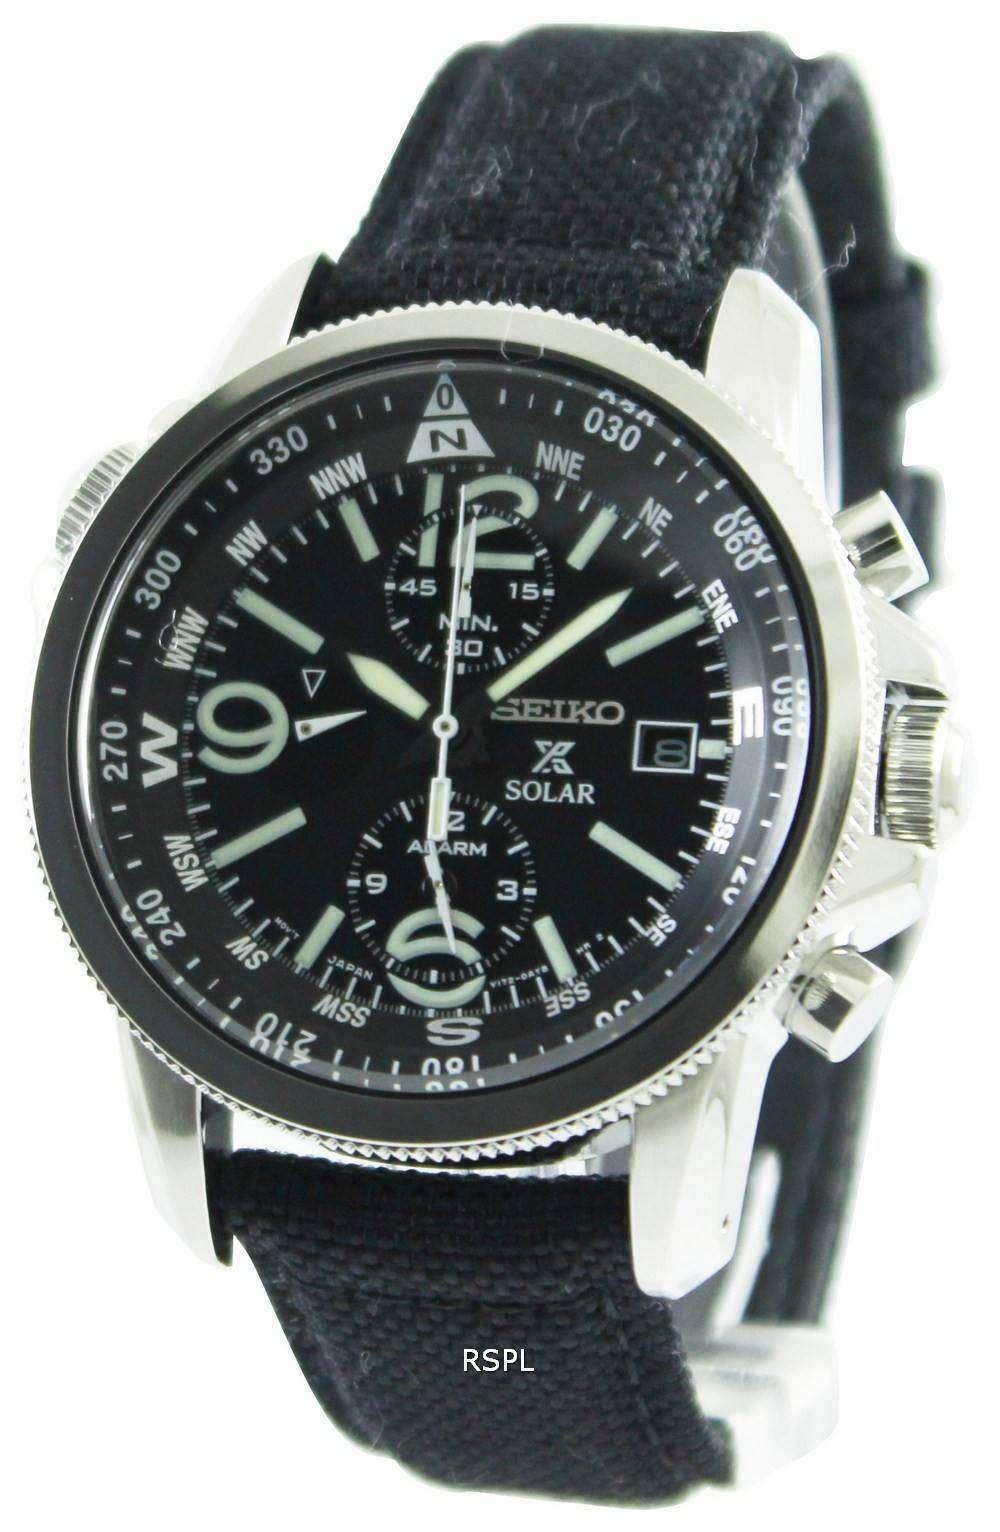 Seiko Prospex Solar Military Alarm Chronograph Ssc293p2